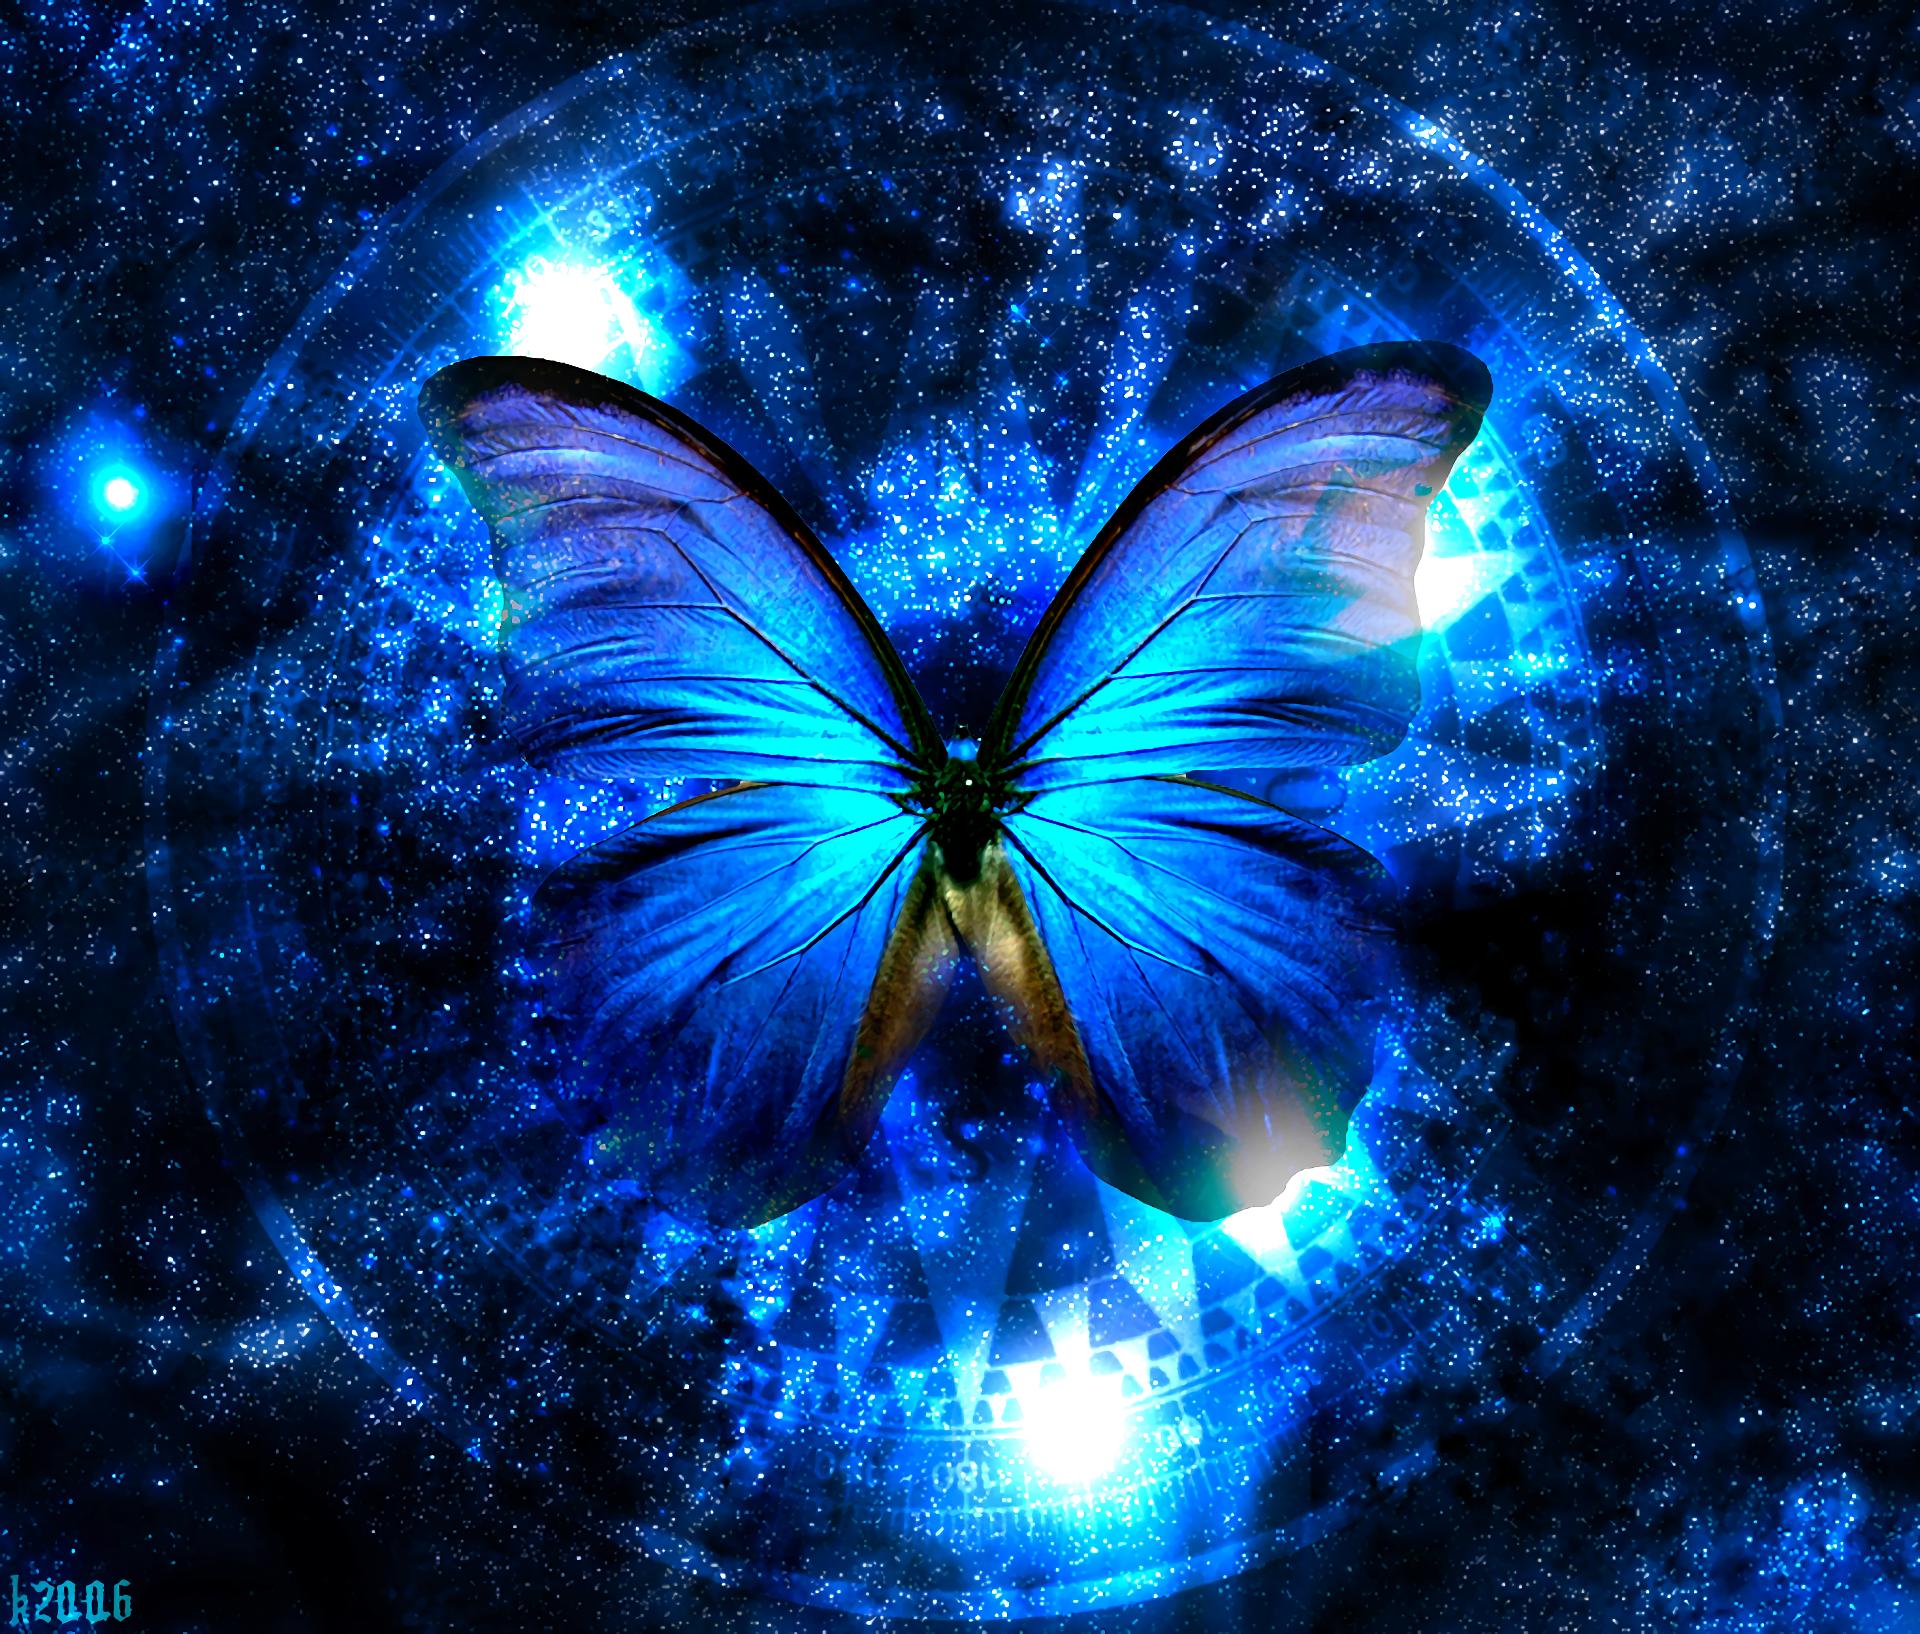 Blue Butterfly Fondo De Pantalla Hd Fondo De Escritorio